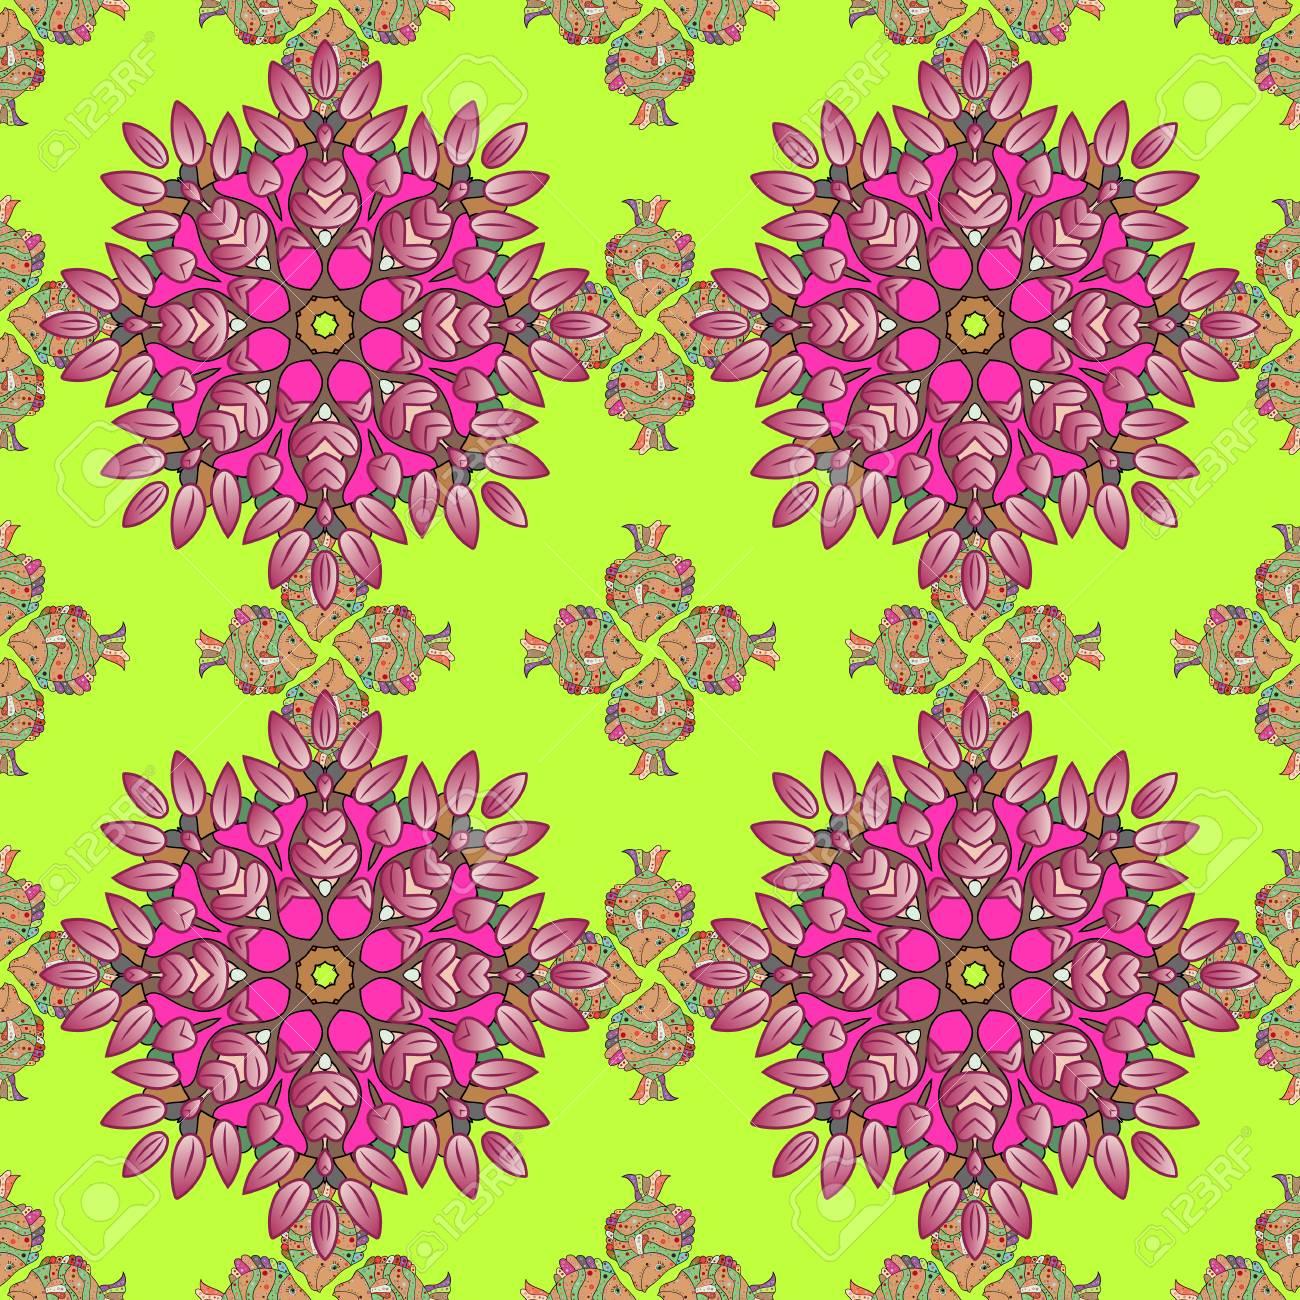 Un Dibujo Vectorial De Muchas Flores Abstractas En Colores Mano